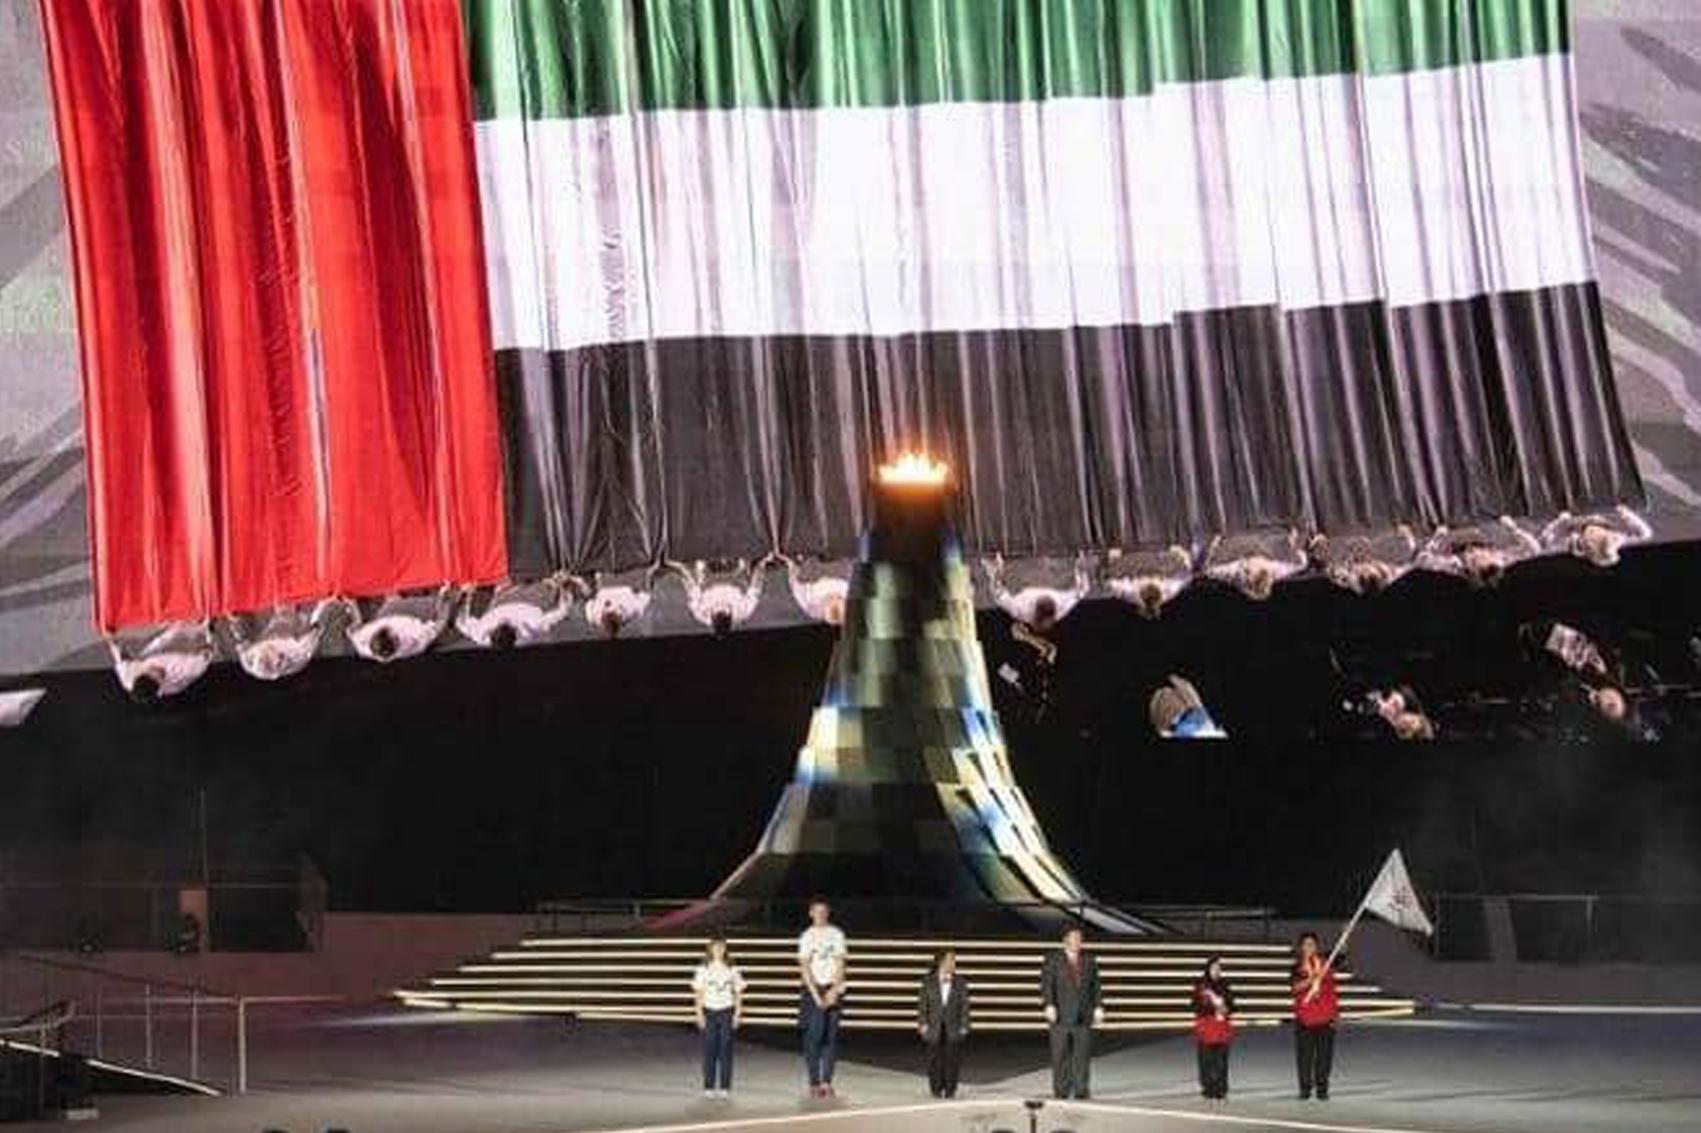 اختتام دورة الأولمبياد الخاص للألعاب العالمية (أبو ظبي 2019)